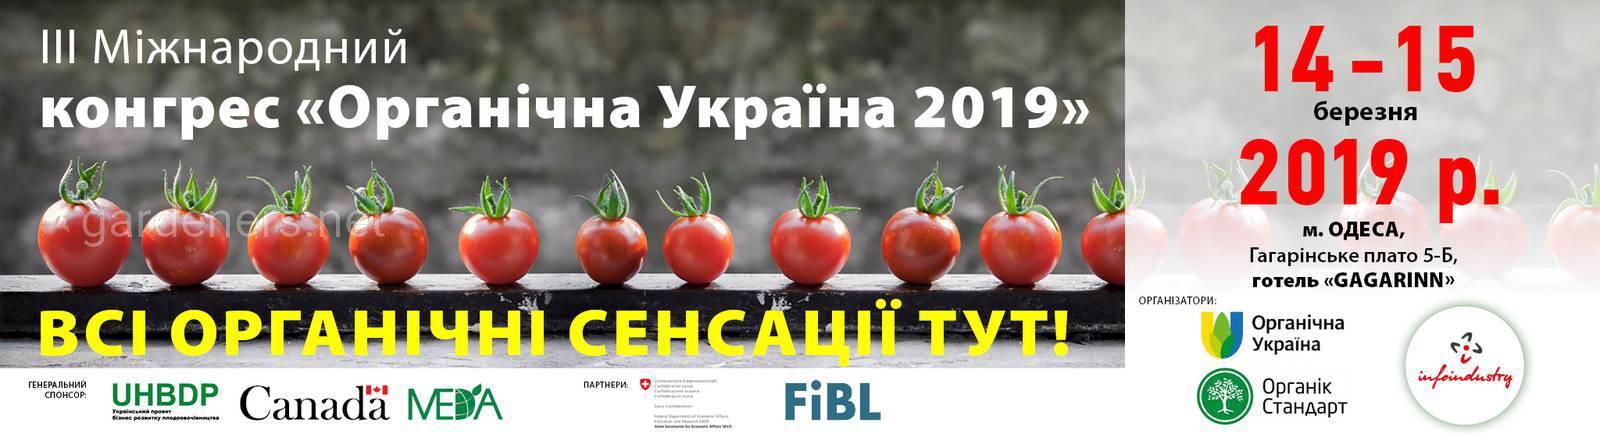 ІІ міжнародний конгрес «Органічна Україна 2019».jpg